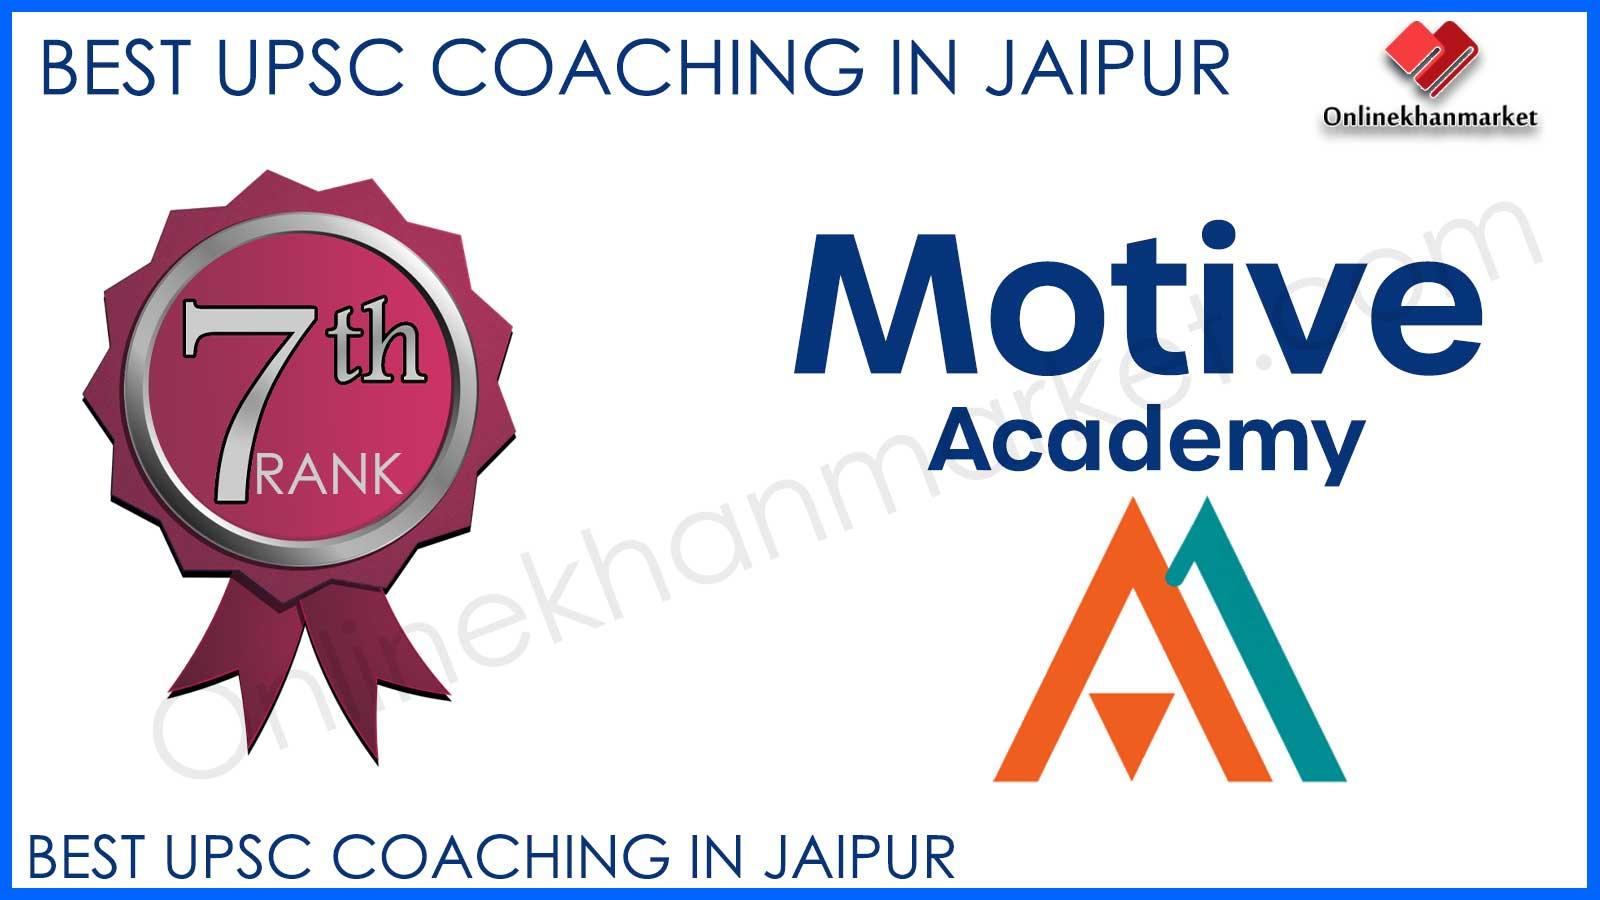 UPSC Coaching in Jaipur